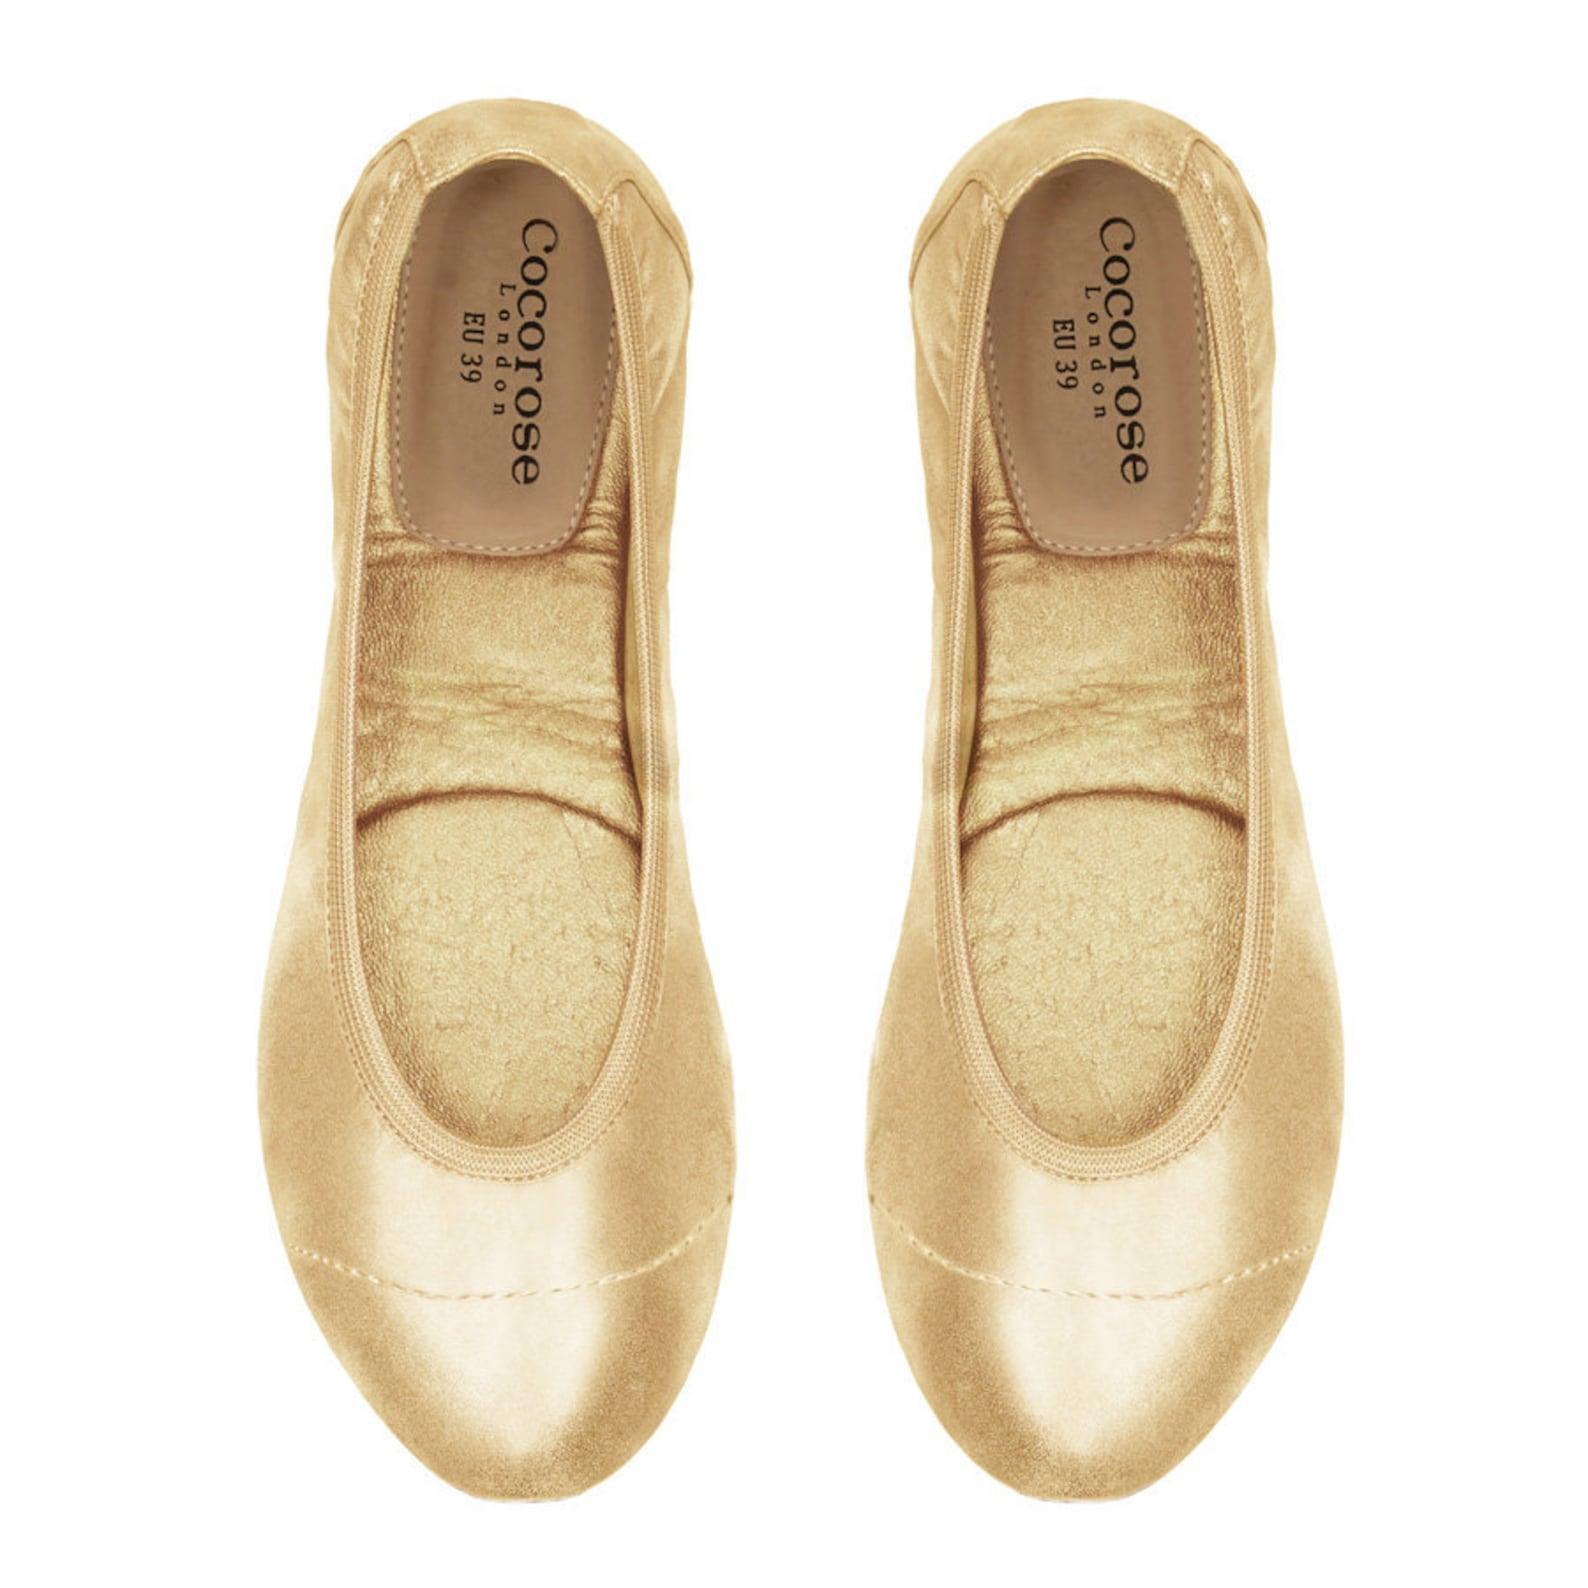 cocorose foldable shoes - barbican ladies ballet pumps